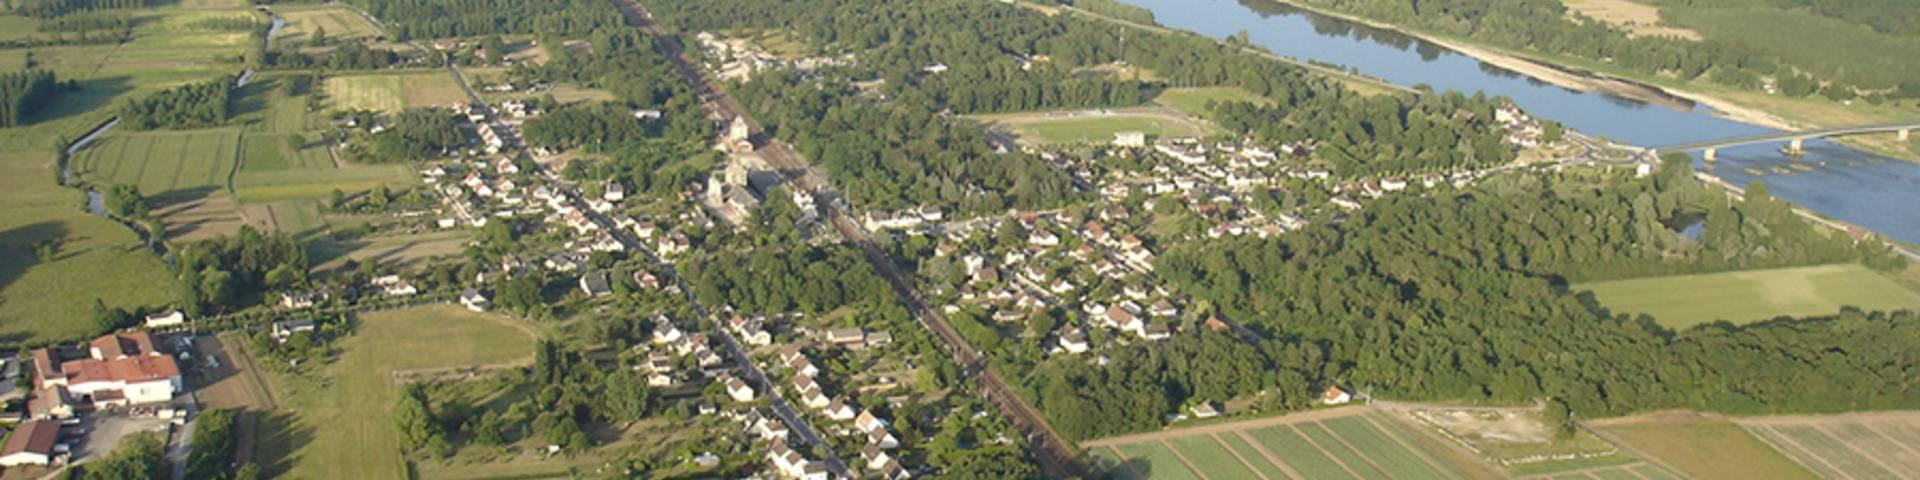 Valle della Loira, borgo di Onzain